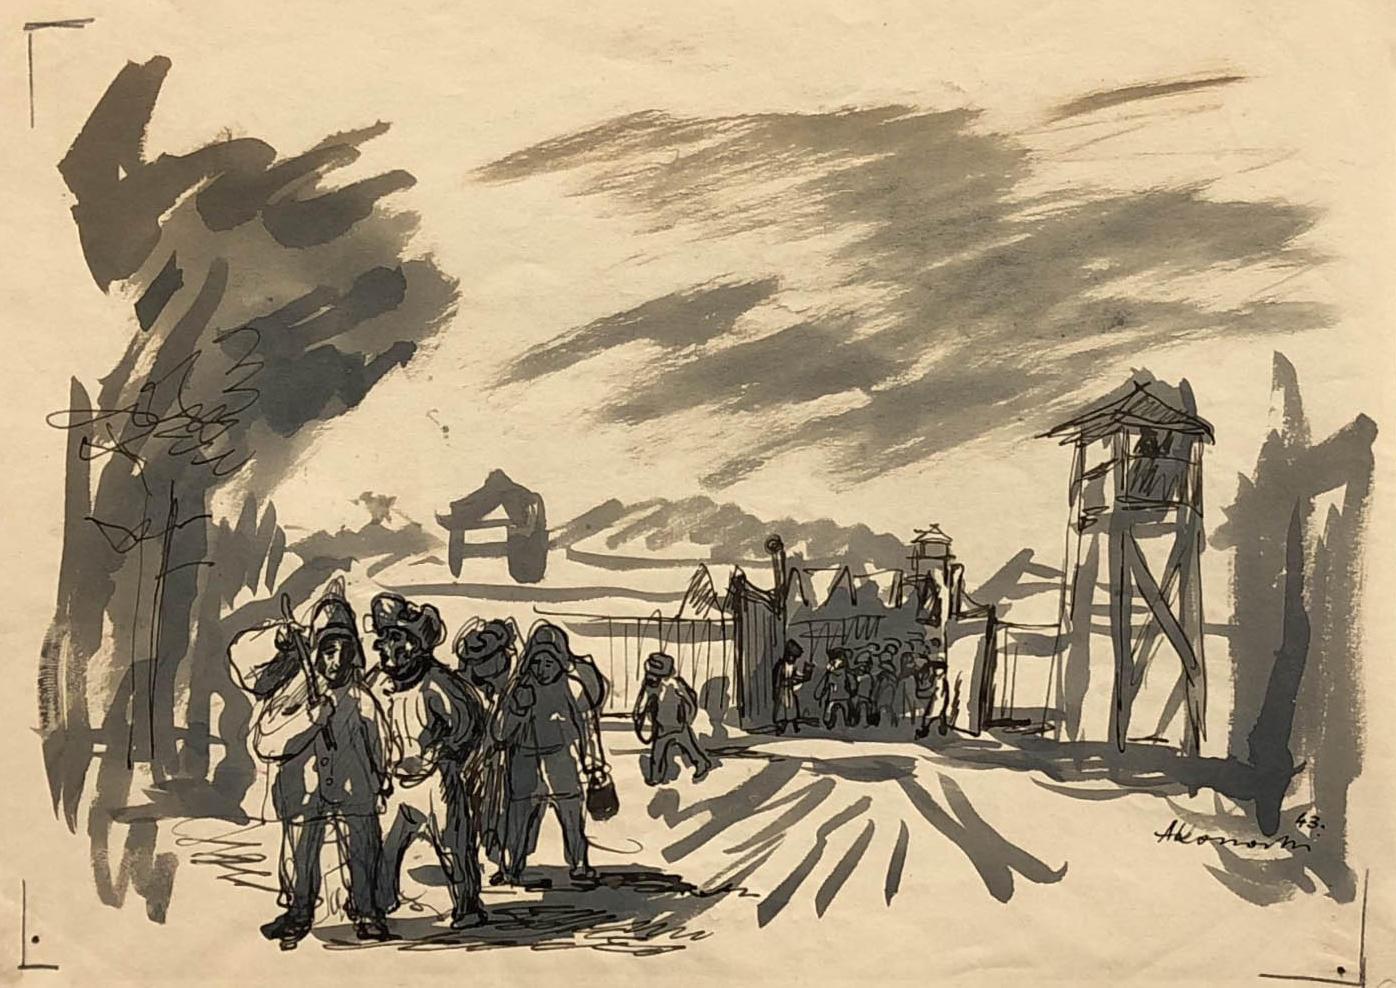 Praca przedstawiająca łagier, zktóregowychodzą więźniowie.. Niektórzy niosą jakieś przedmioty, tobołki. Być może moment opuszczenia obozu poogłoszeniu amnestii. Obóz wKożwie nadPeczorą, Adam Kossowski, praca stworzona wLondynie w1943 roku.